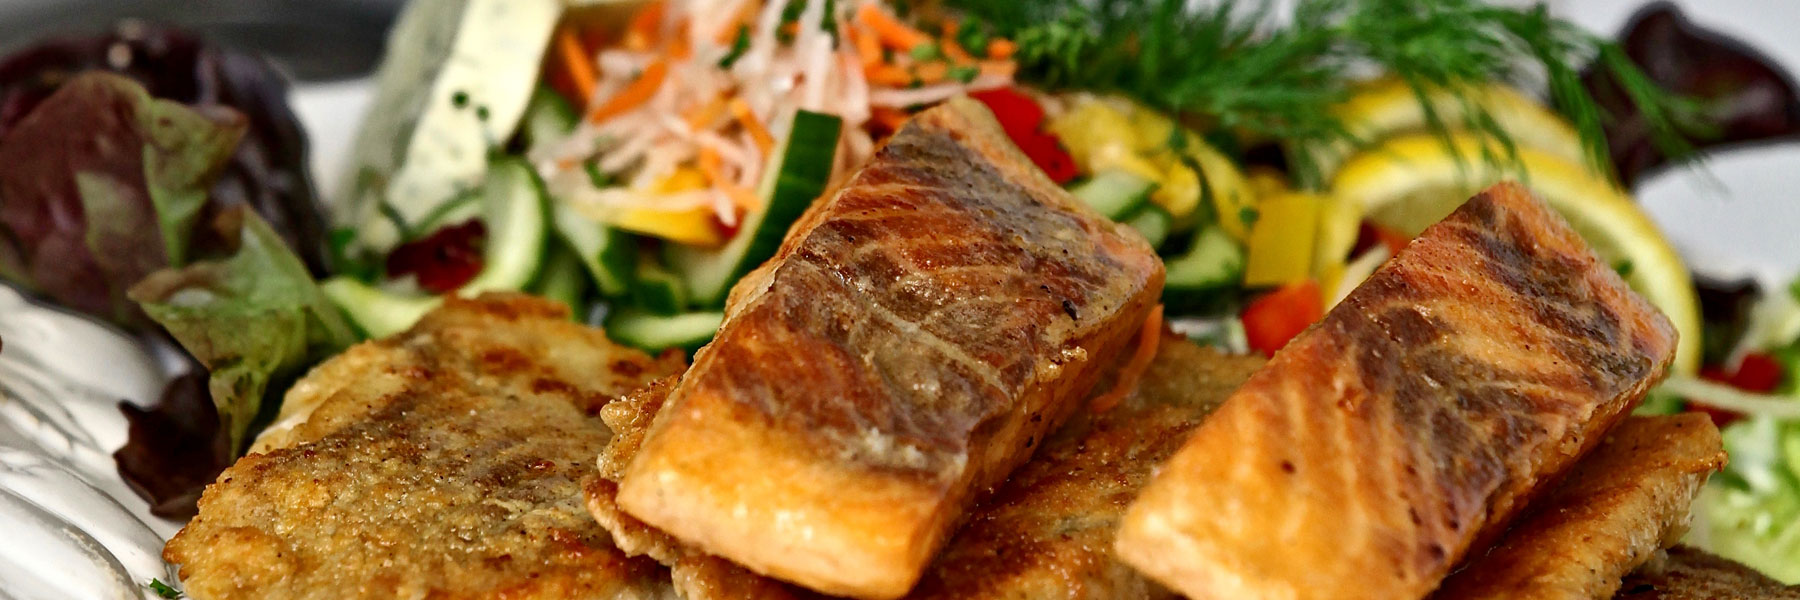 Fischmenü - Gaststätte Haithabu